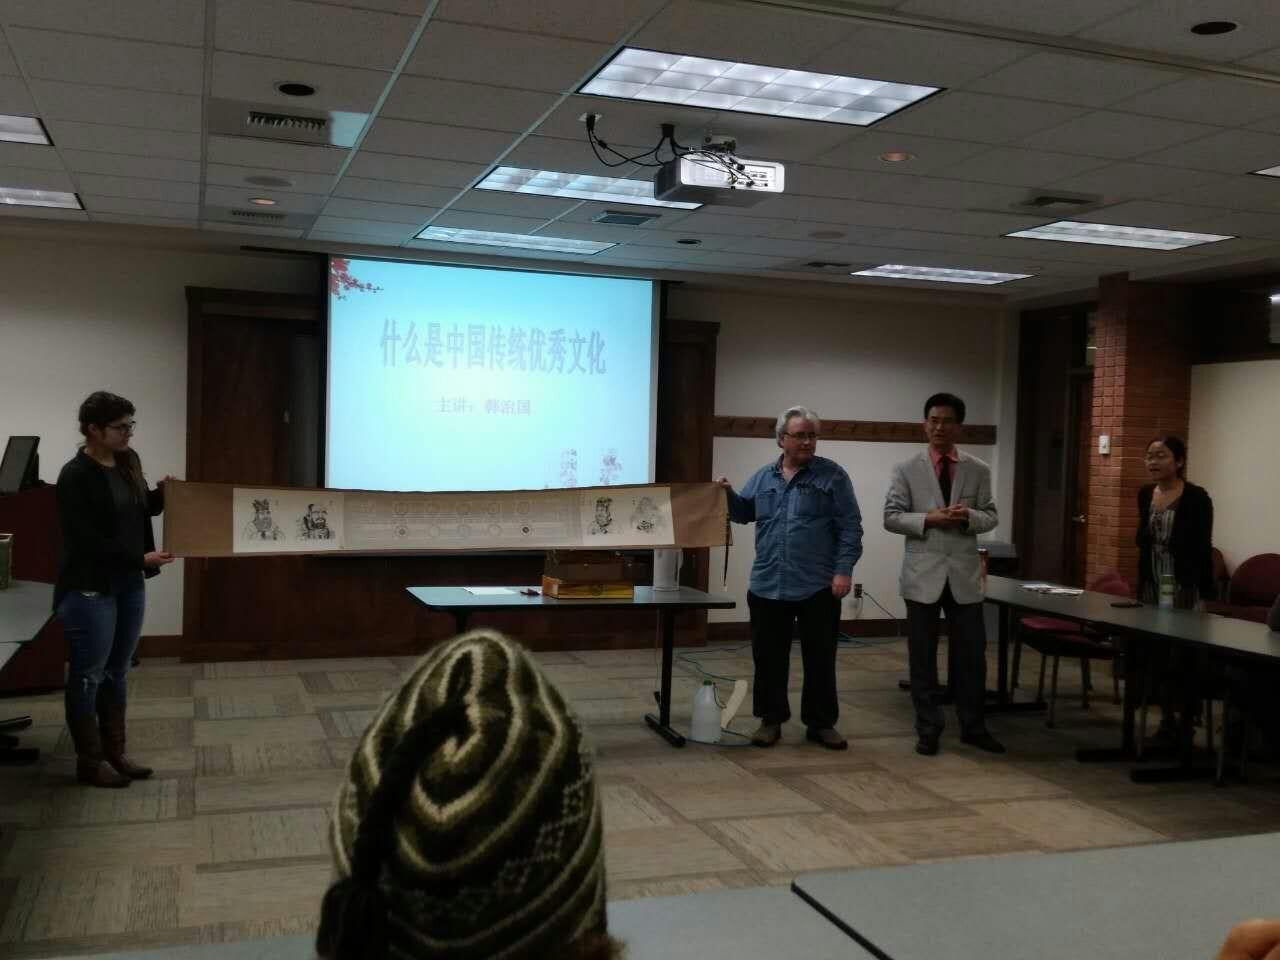 韩治国在向美国听众展示中国《易经》和道家传承作品《金易宝灵图》2。.jpg